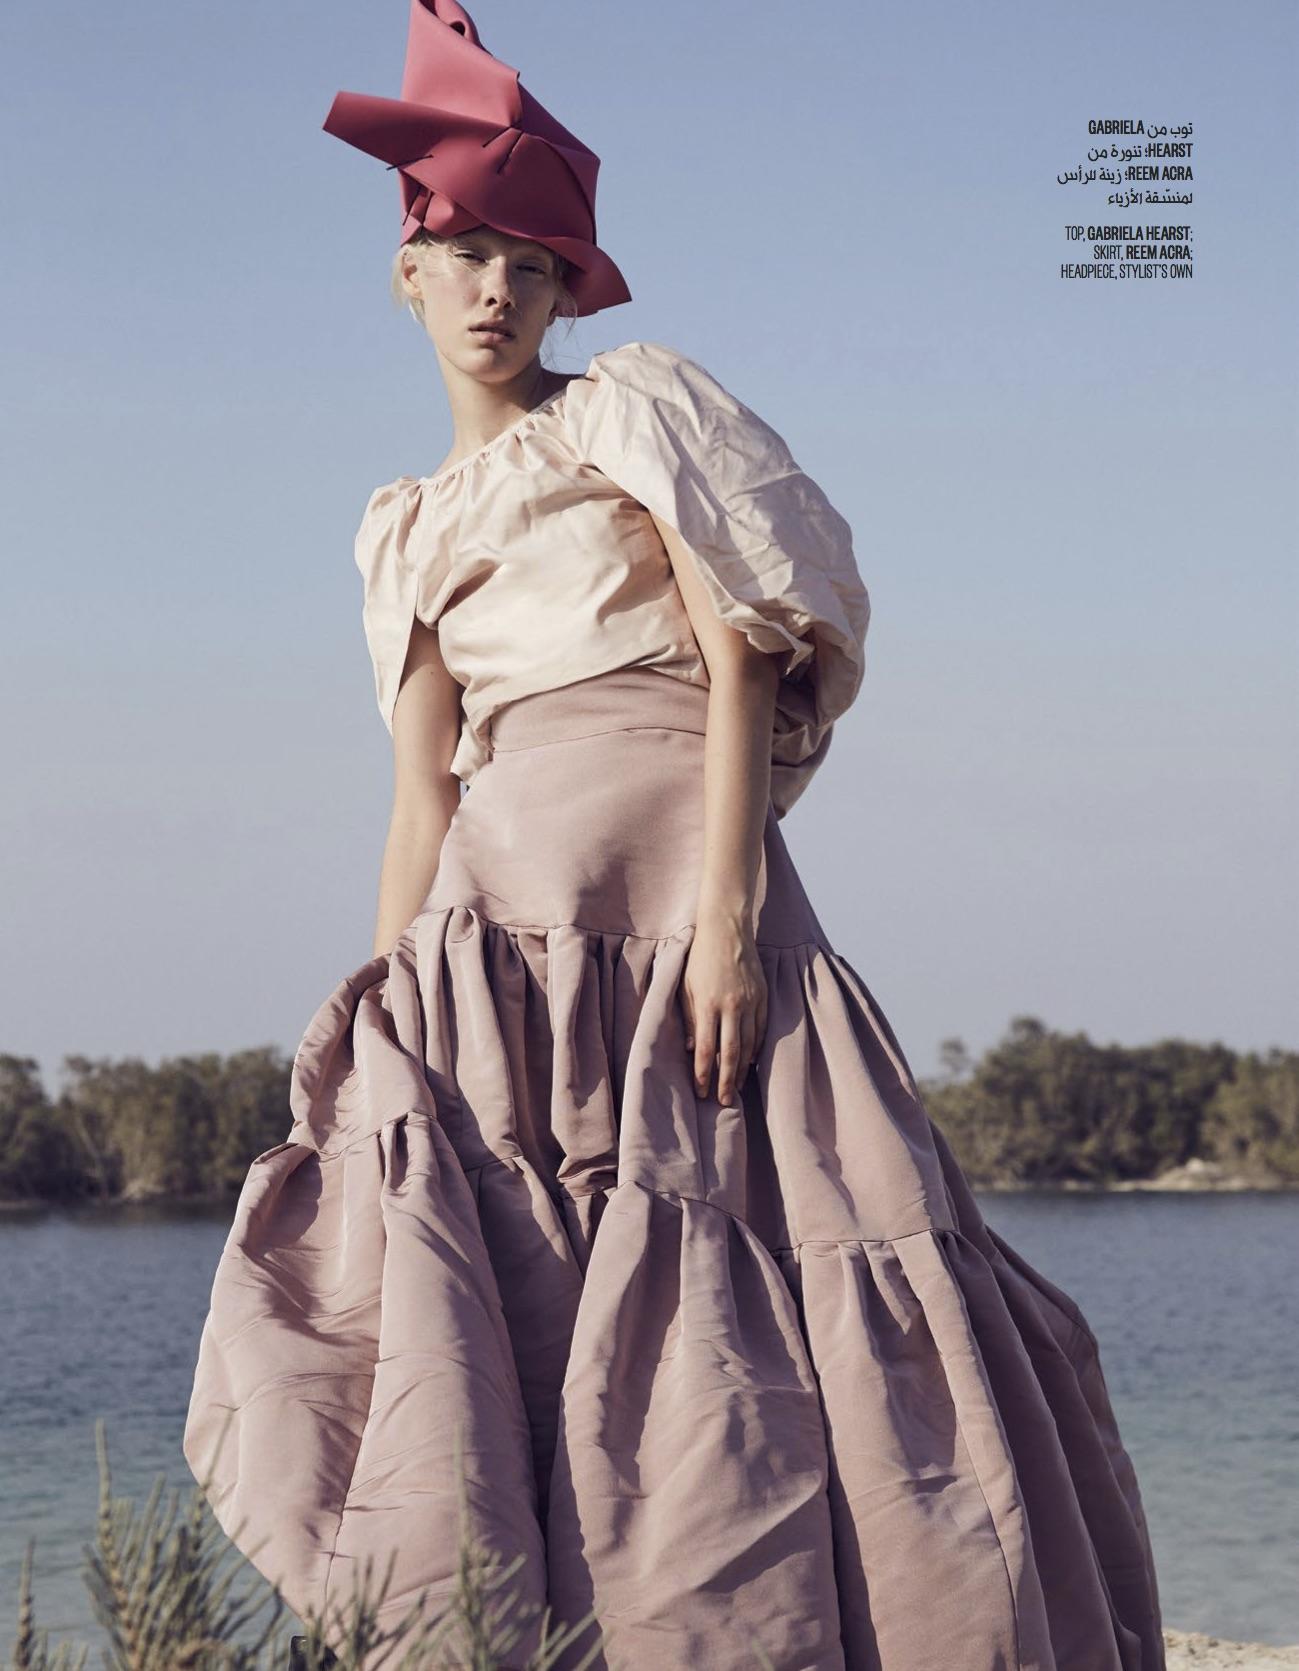 18 Vogue Arabia OCT 18 Binder (dragged)_?4.jpg